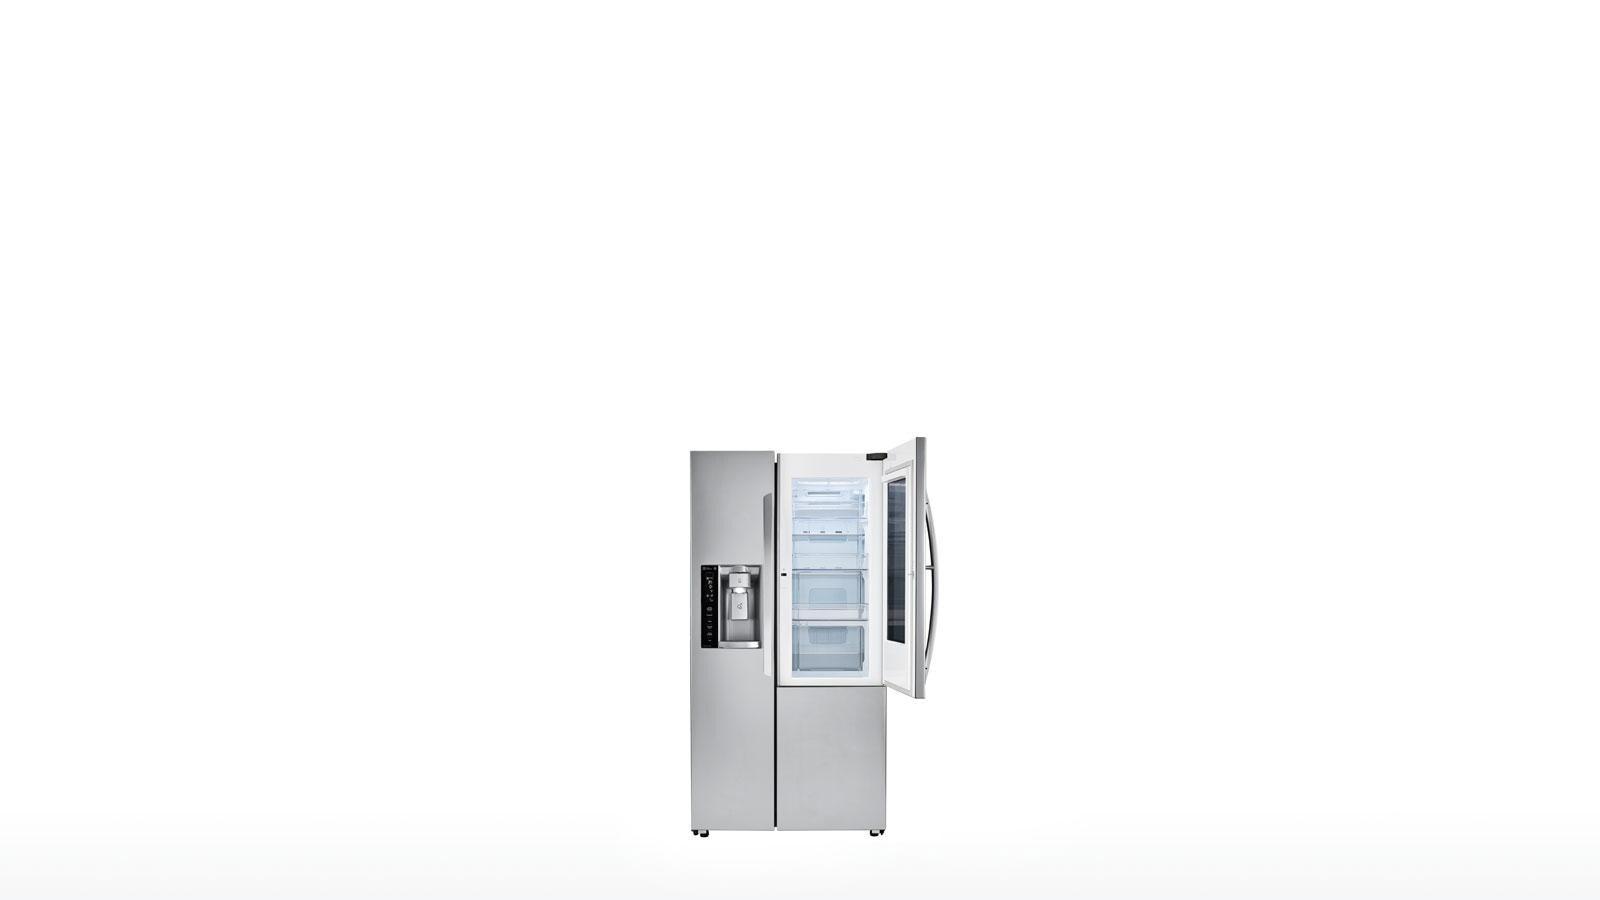 LG 26 cu.ft. InstaView Door-in-Door Side-By-Side Refrigerator